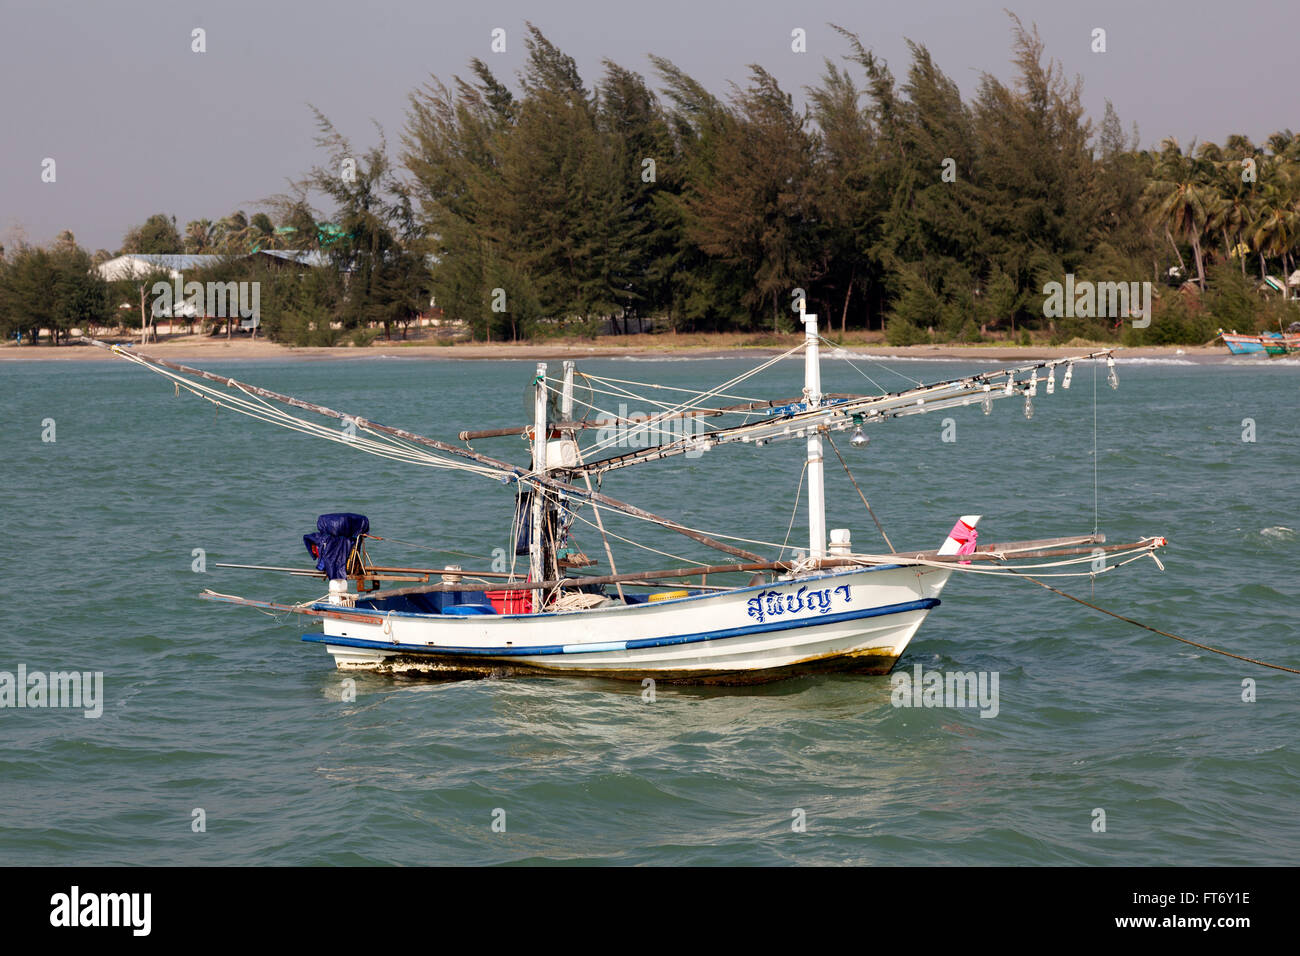 Eine kleine Thai Fischerboot für die Küstenfischerei von Lamplights (Ao Khlong Wan - Prachuap Khiri Khan Stockbild